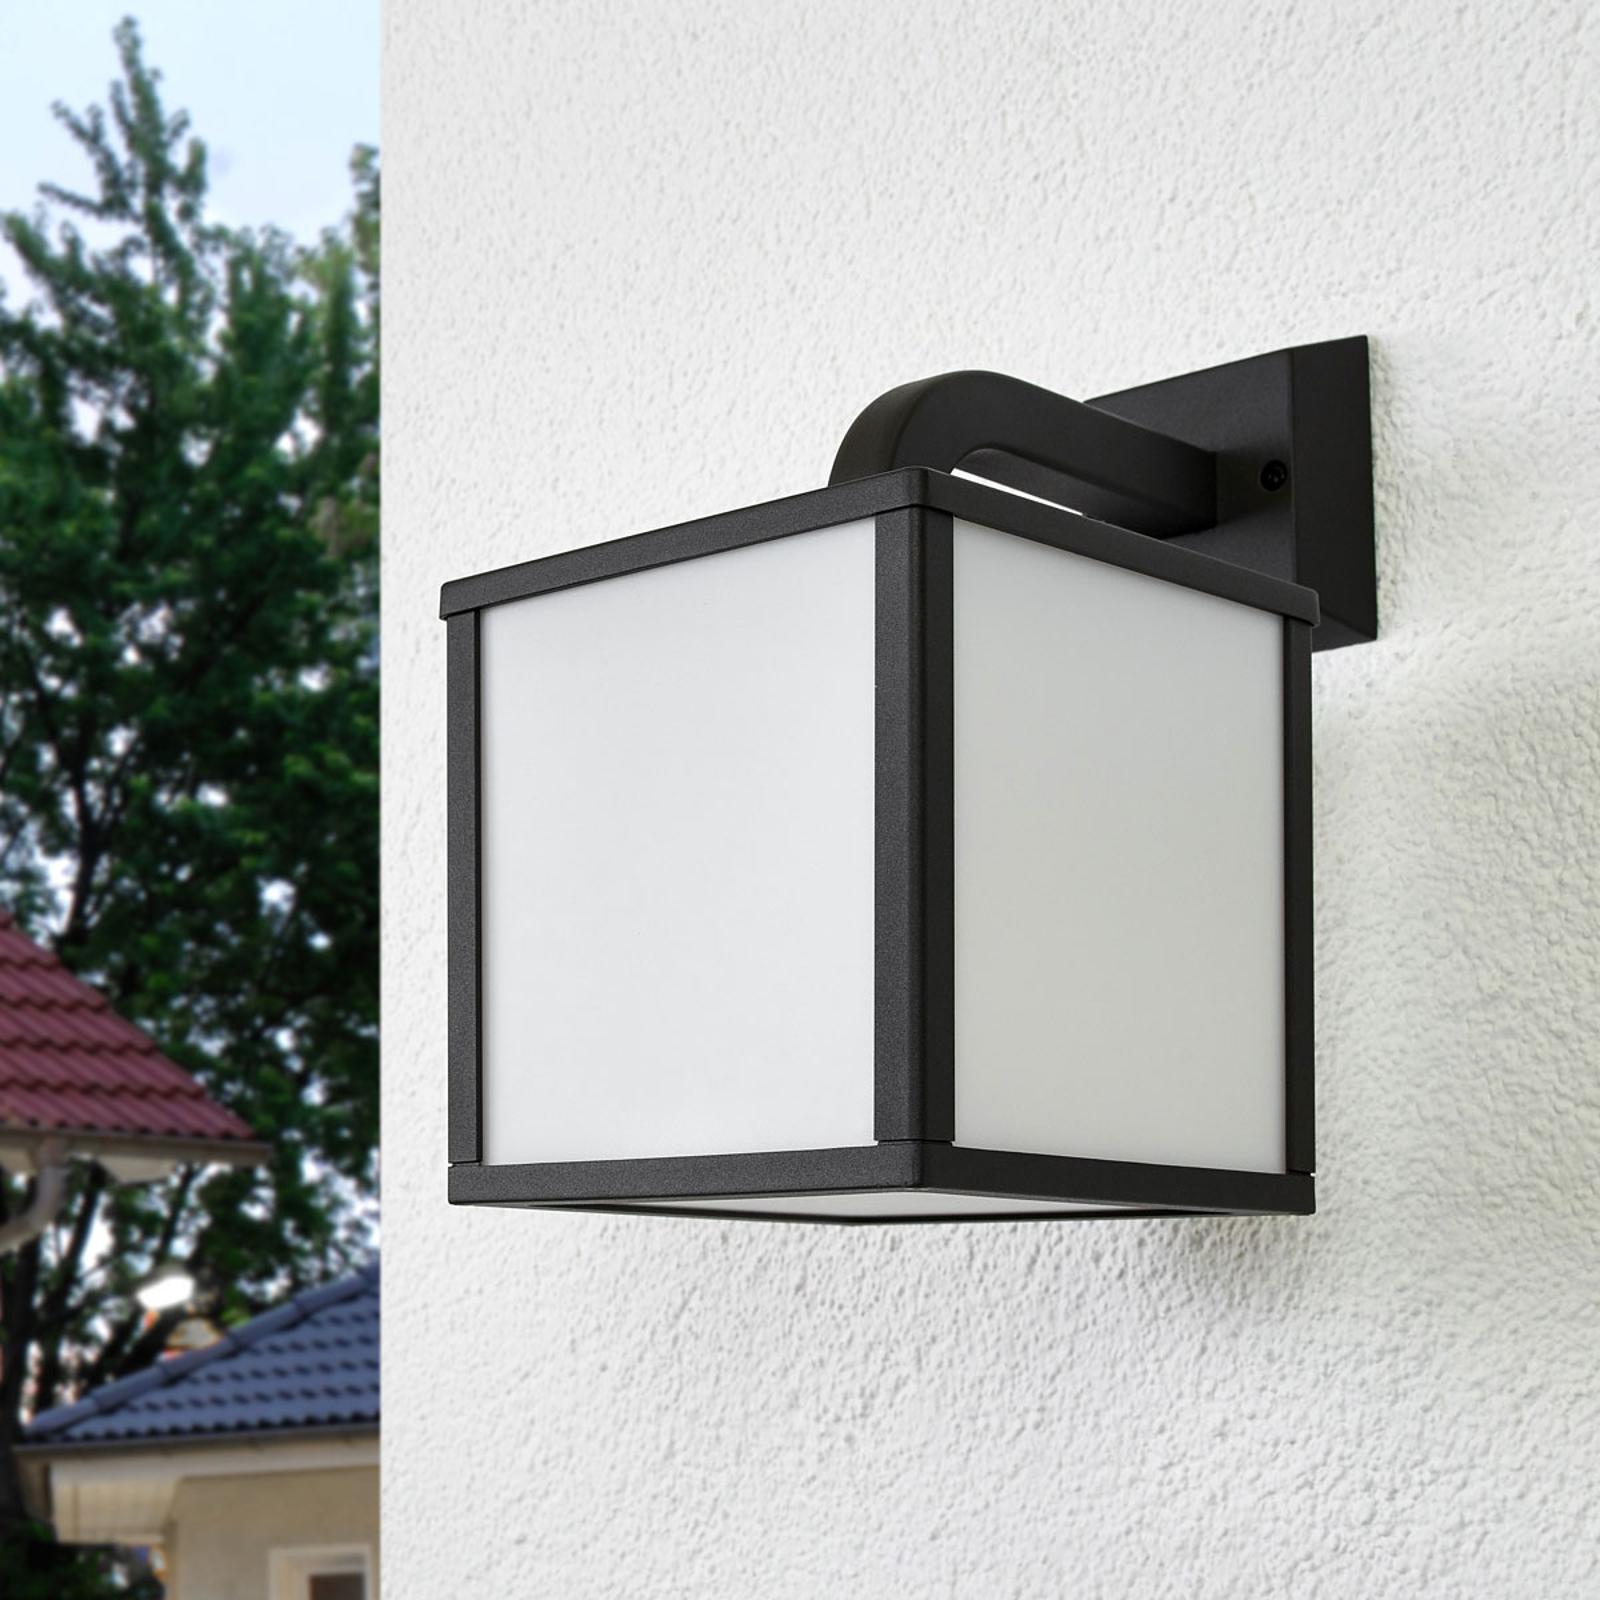 Applique d'extérieur LED Cubango moderne